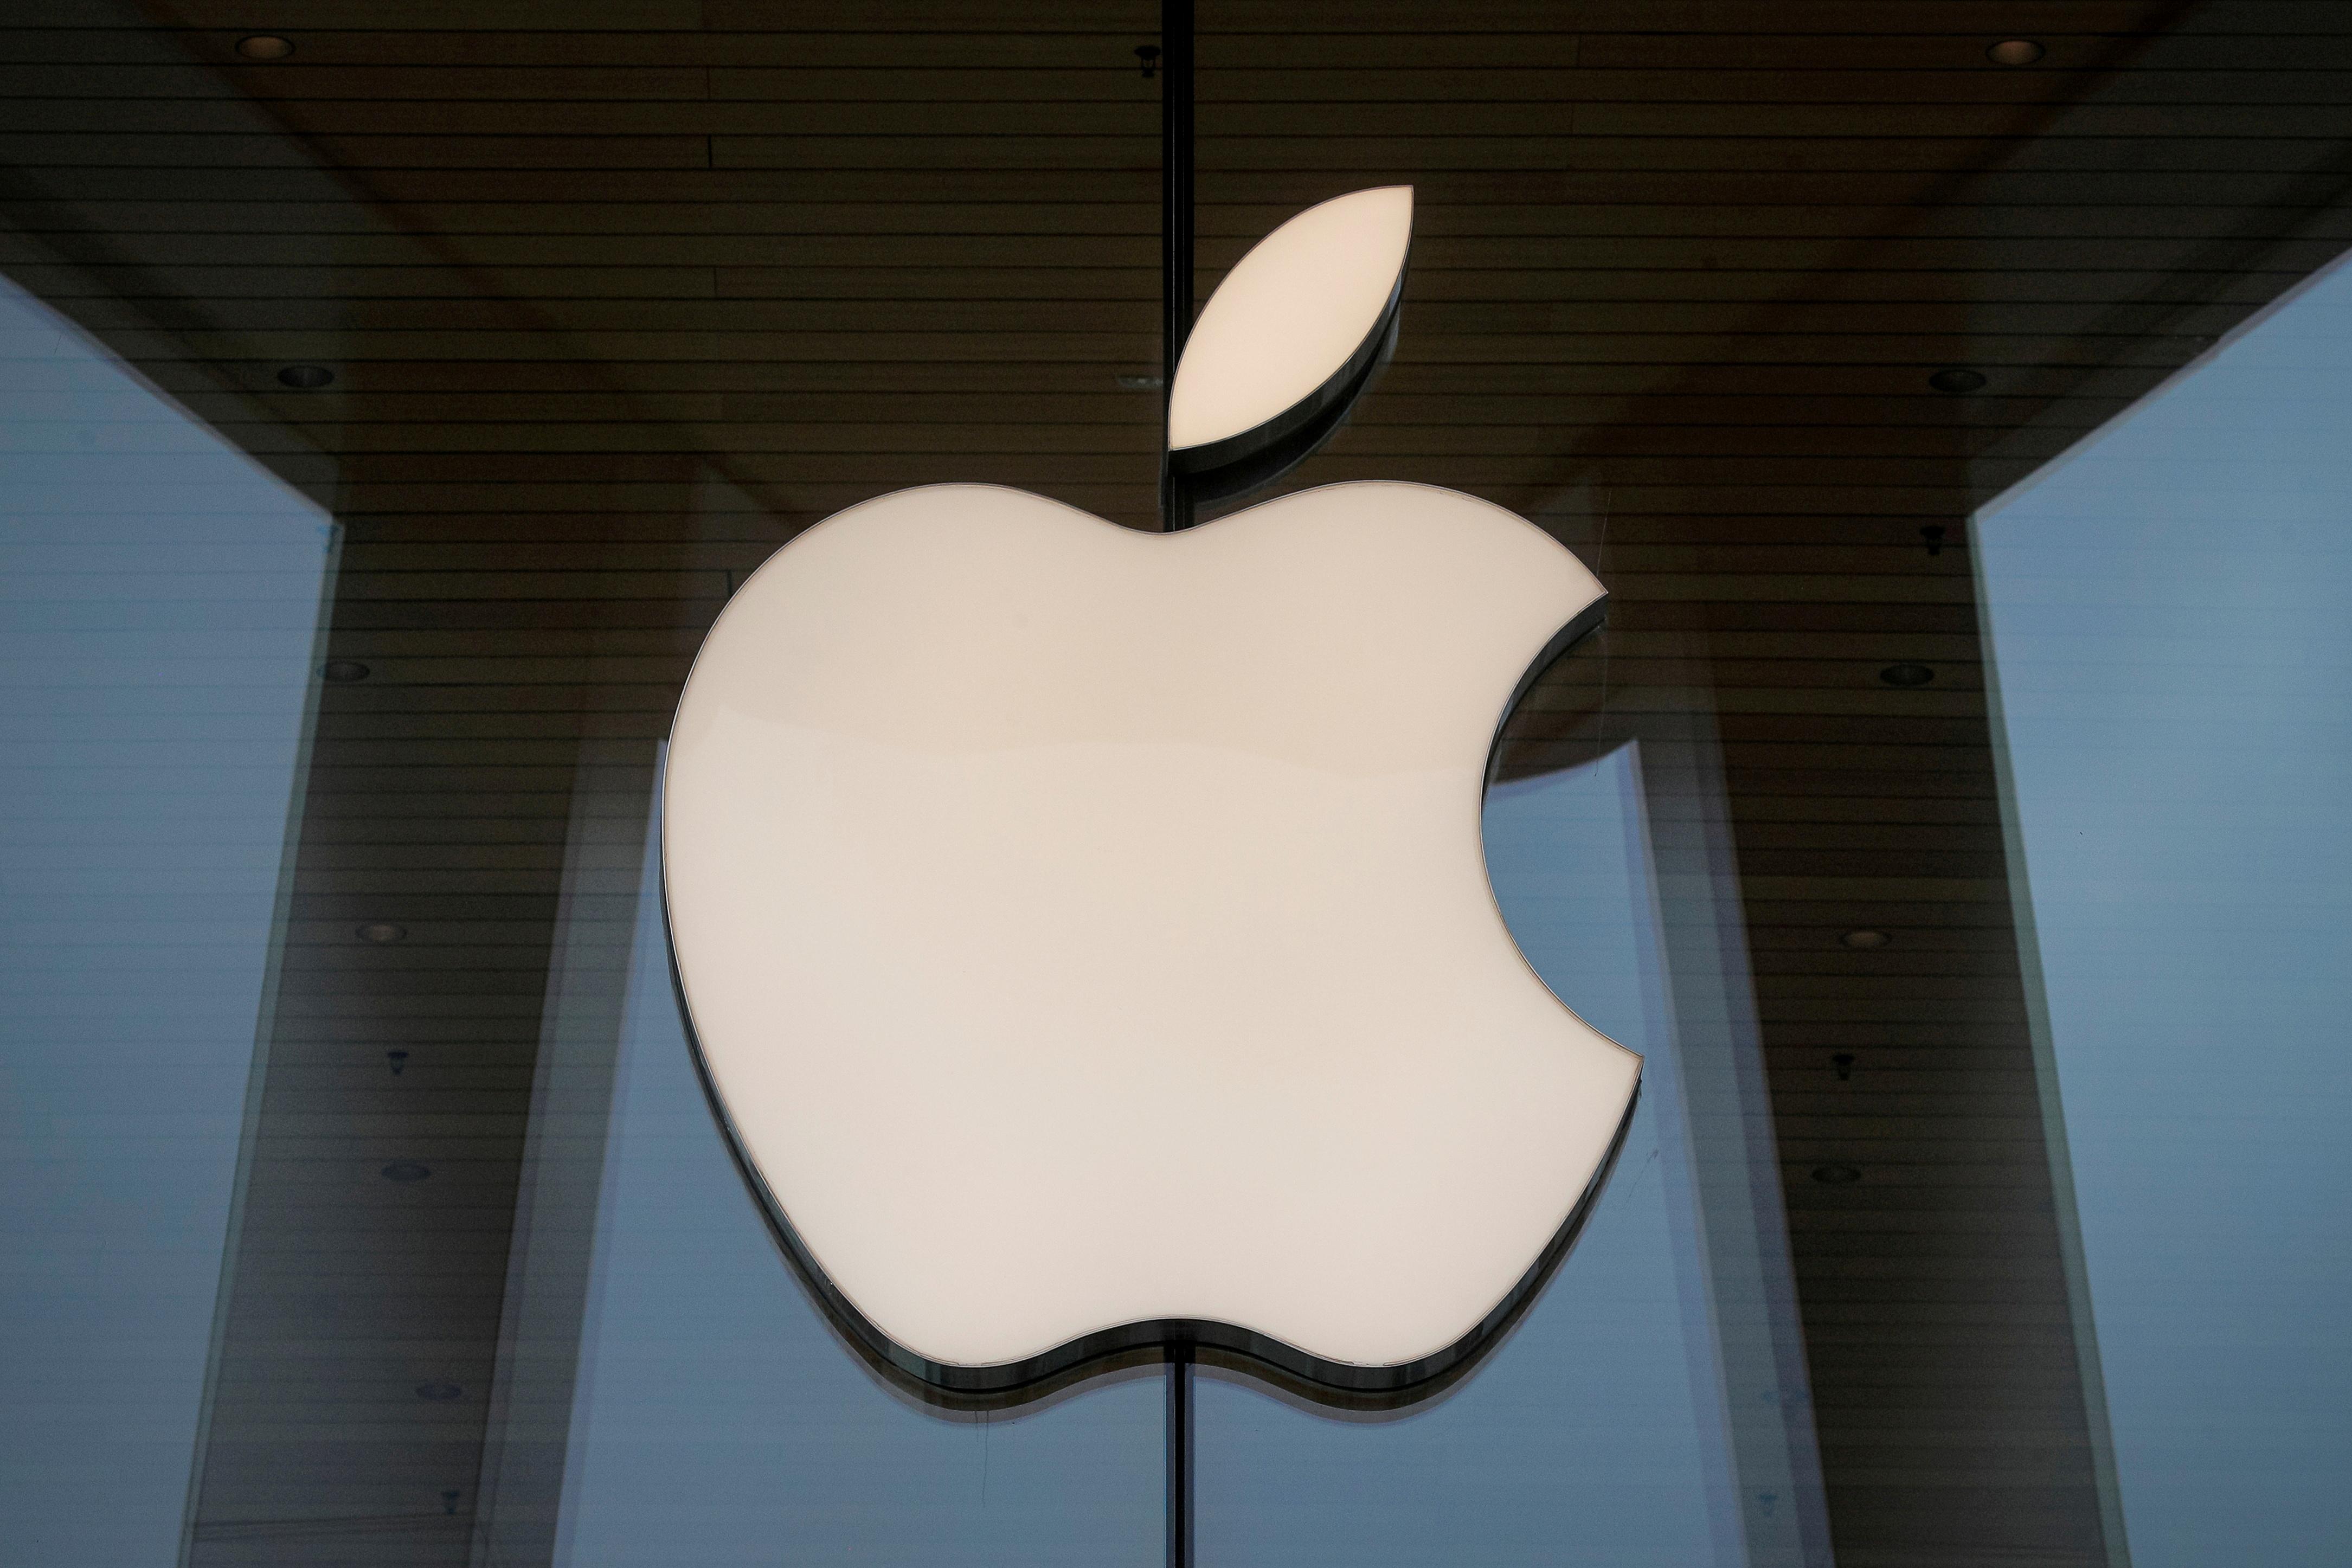 El logotipo de Apple se ve en una Apple Store en Brooklyn, Nueva York, EE. UU. El 23 de octubre de 2020. REUTERS / Brendan McDermid / File Photo